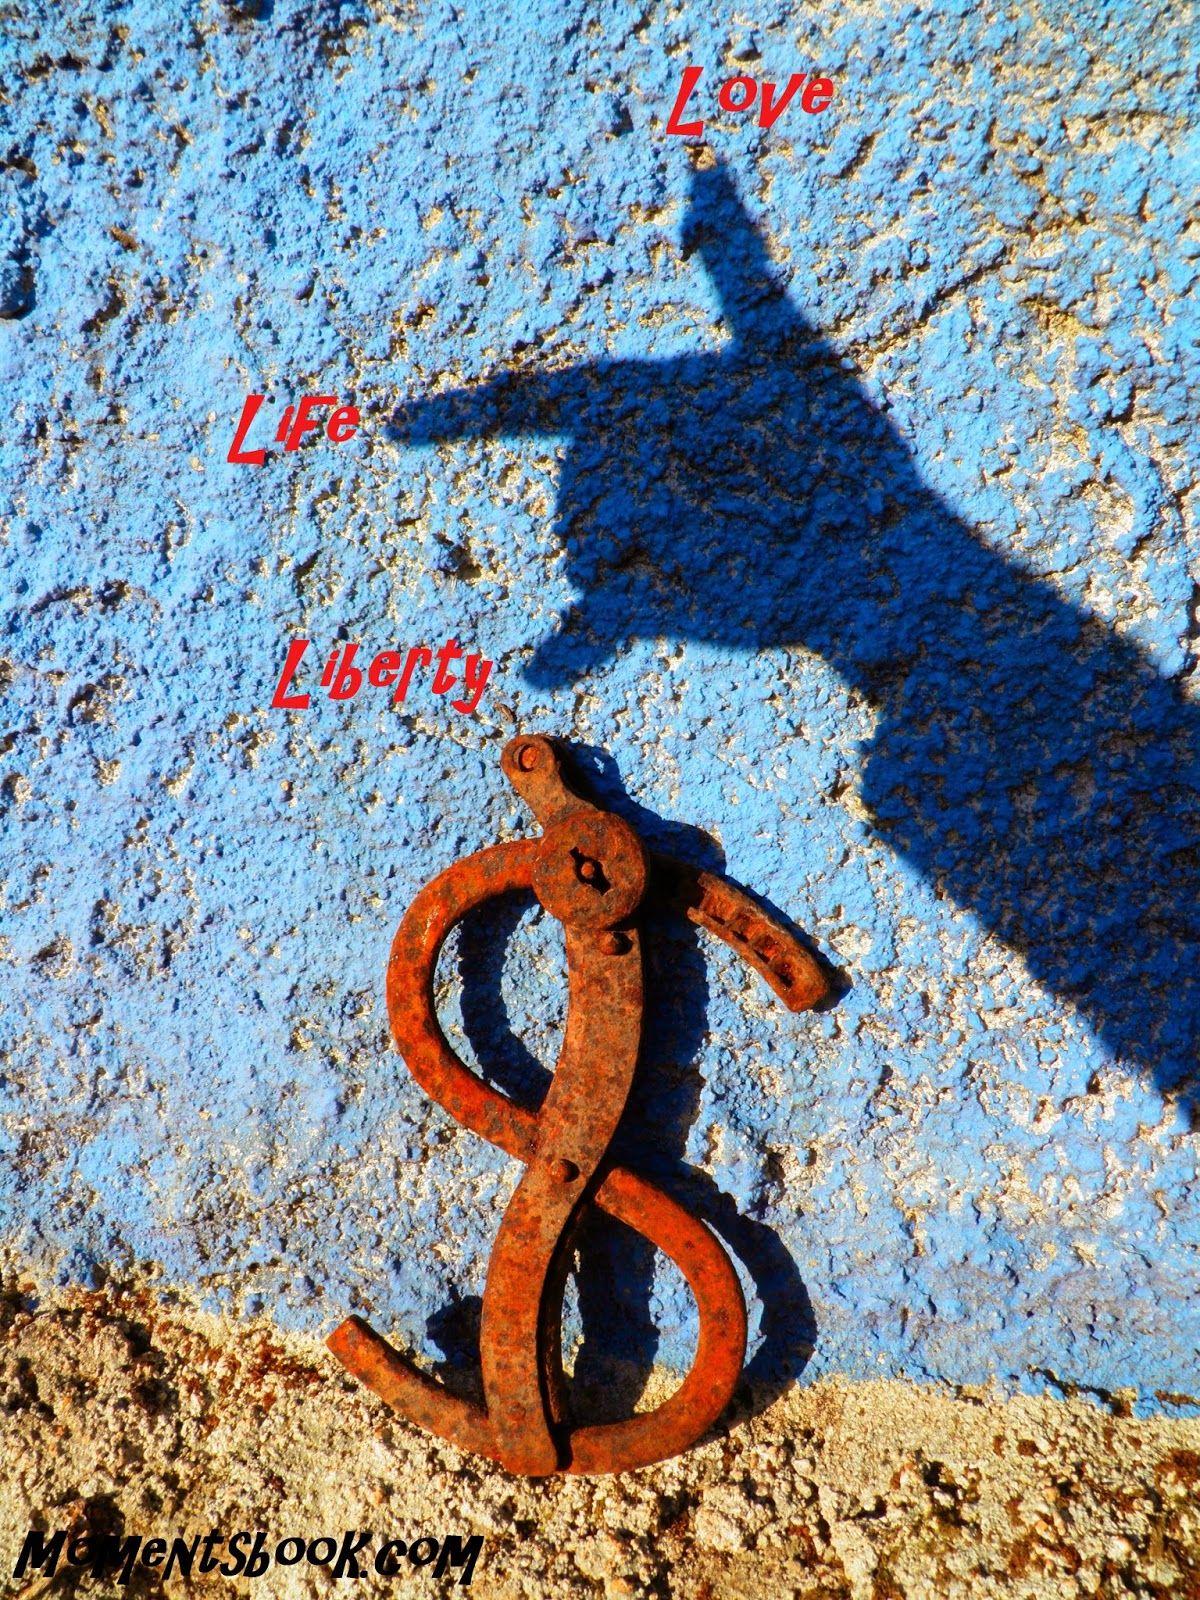 Momentsbook.com: Liberty-Life-Love!!! (Original Dollar Handcuffs)